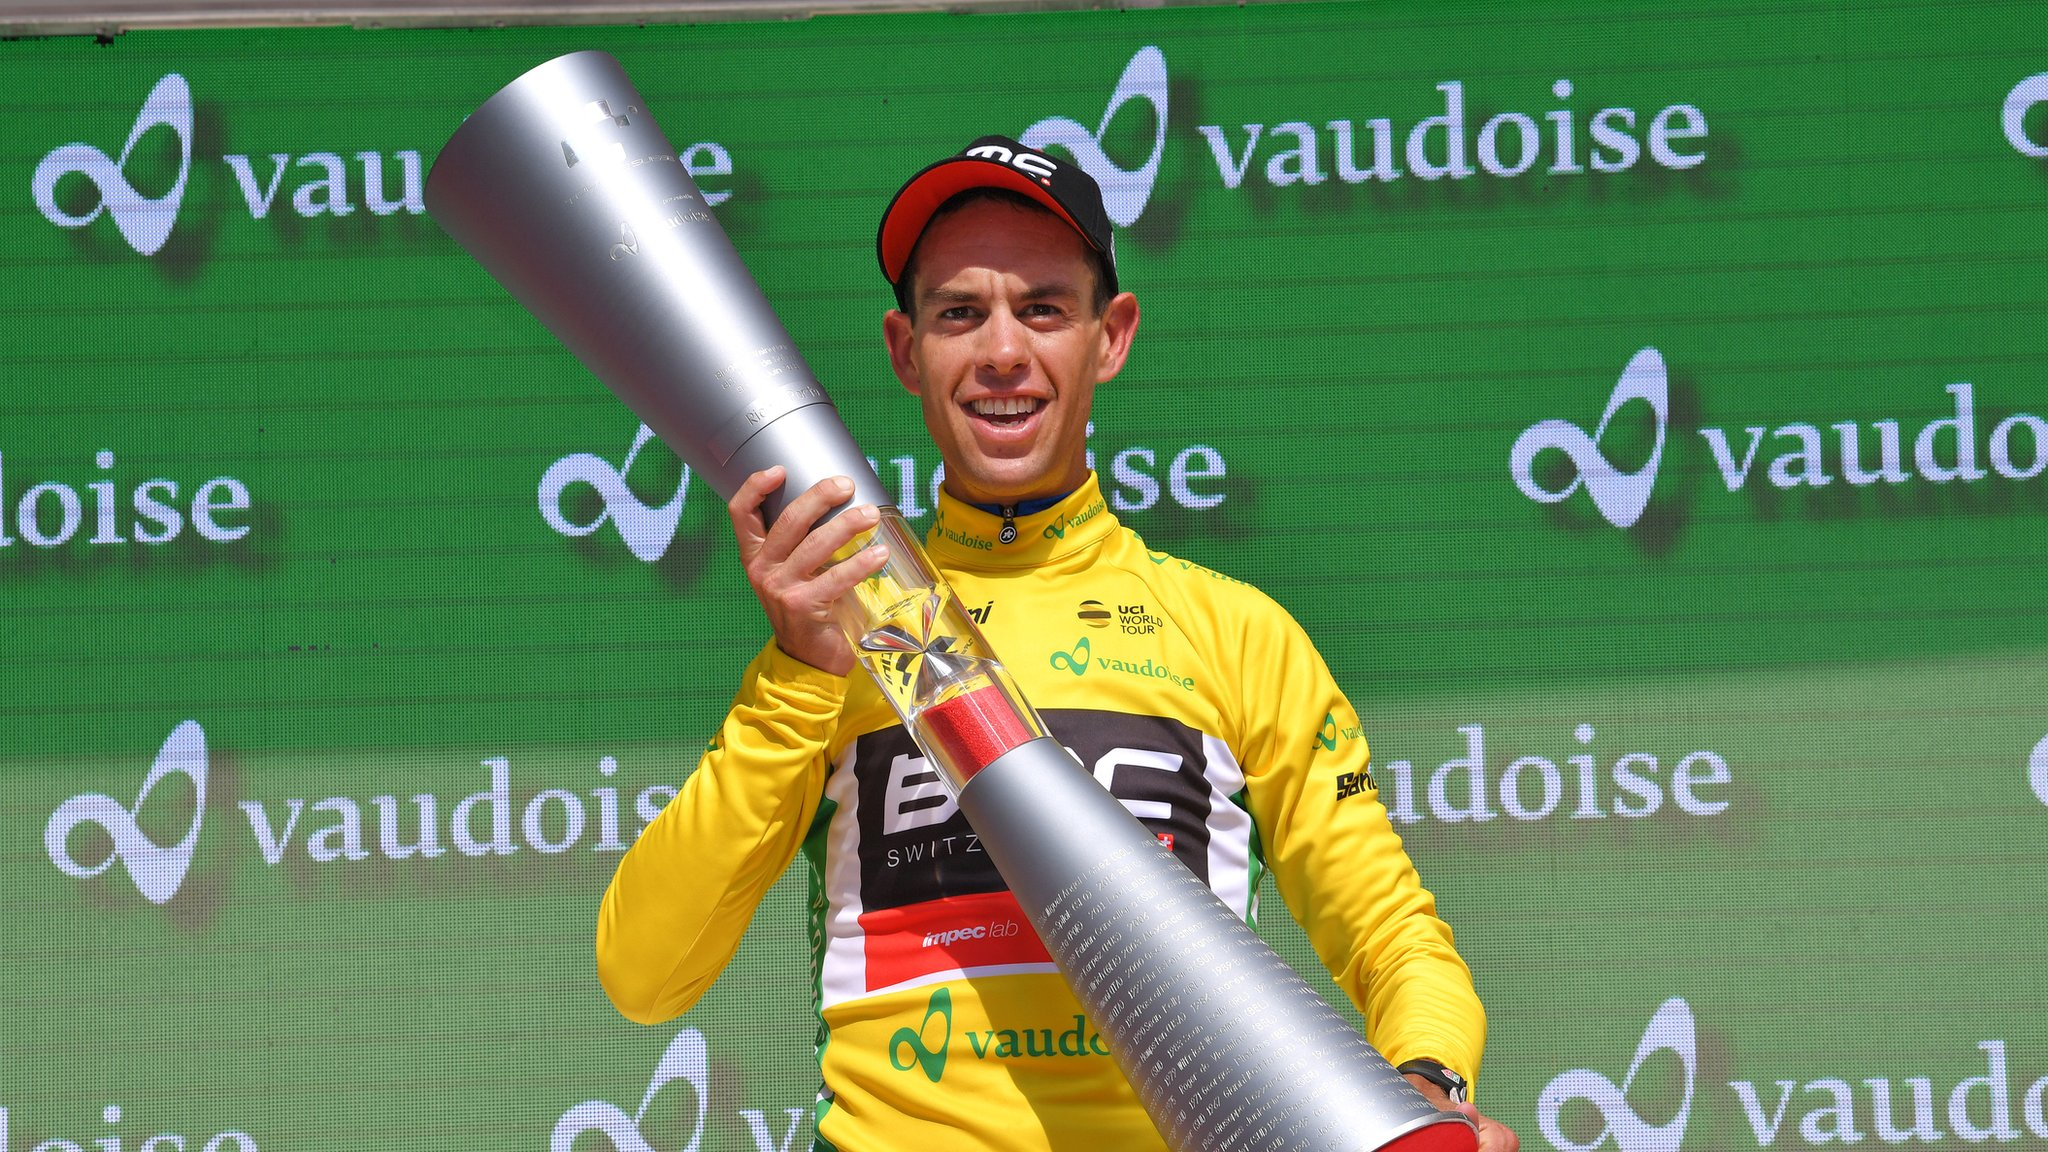 Porte takes Tour de Suisse title